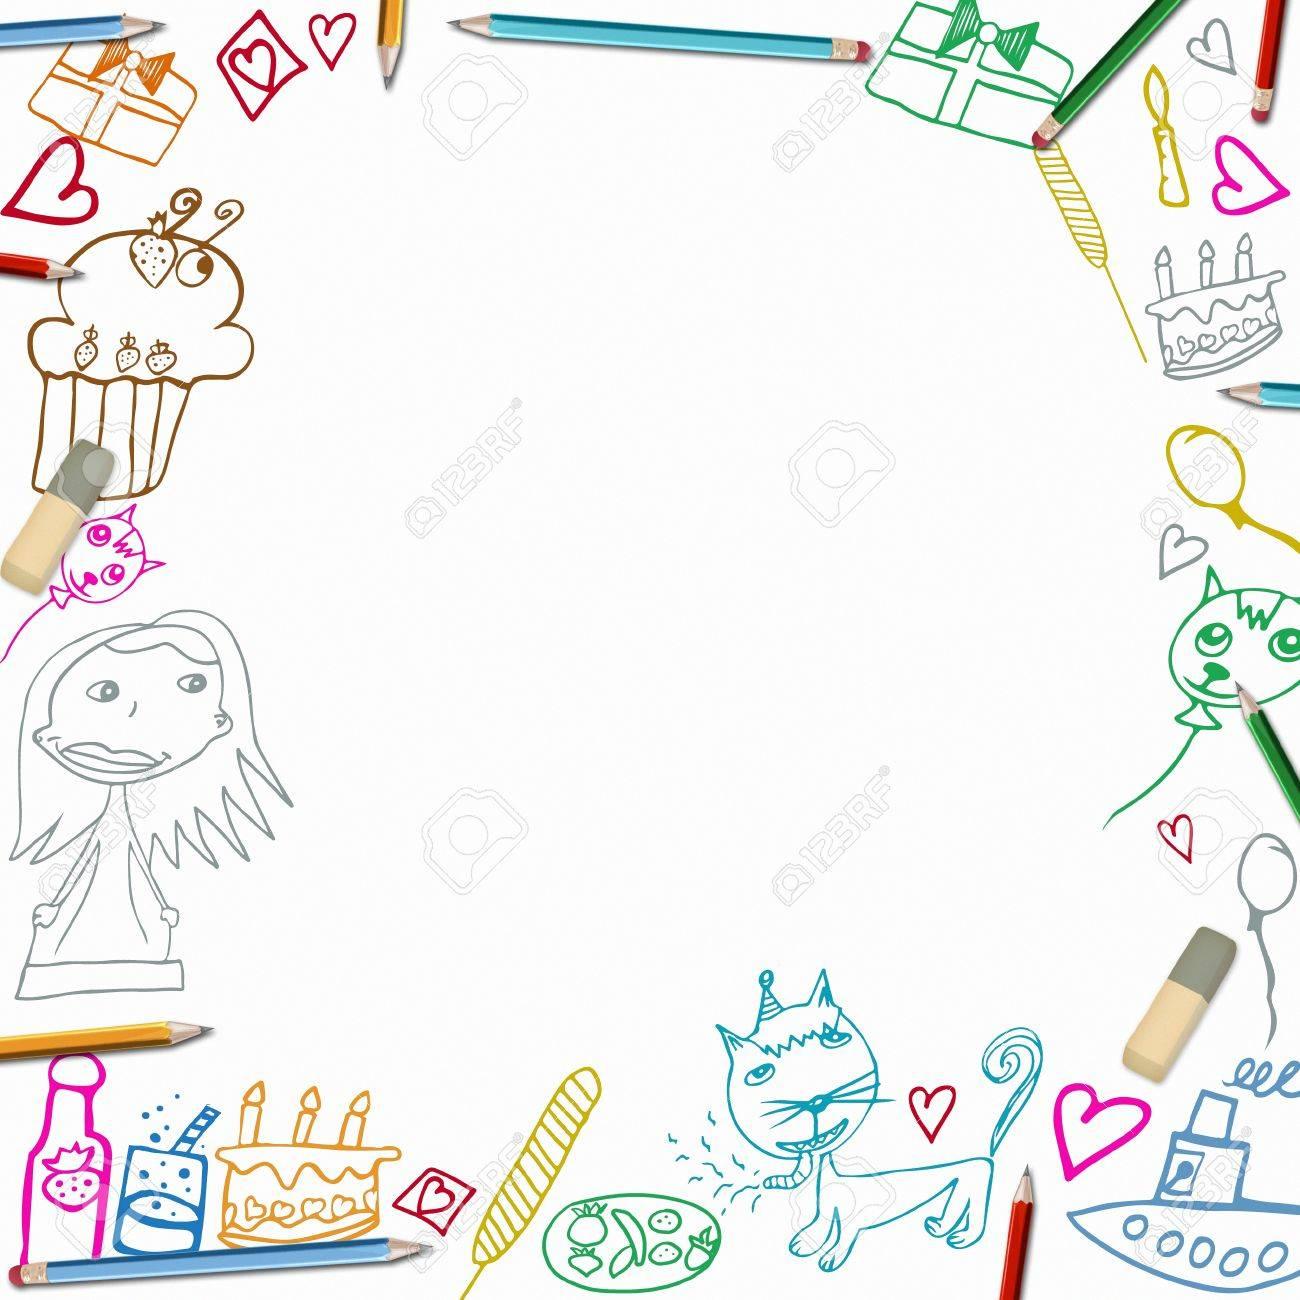 Gelukkige Verjaardag Kleurrijke Frame Kinderen Tekeningen